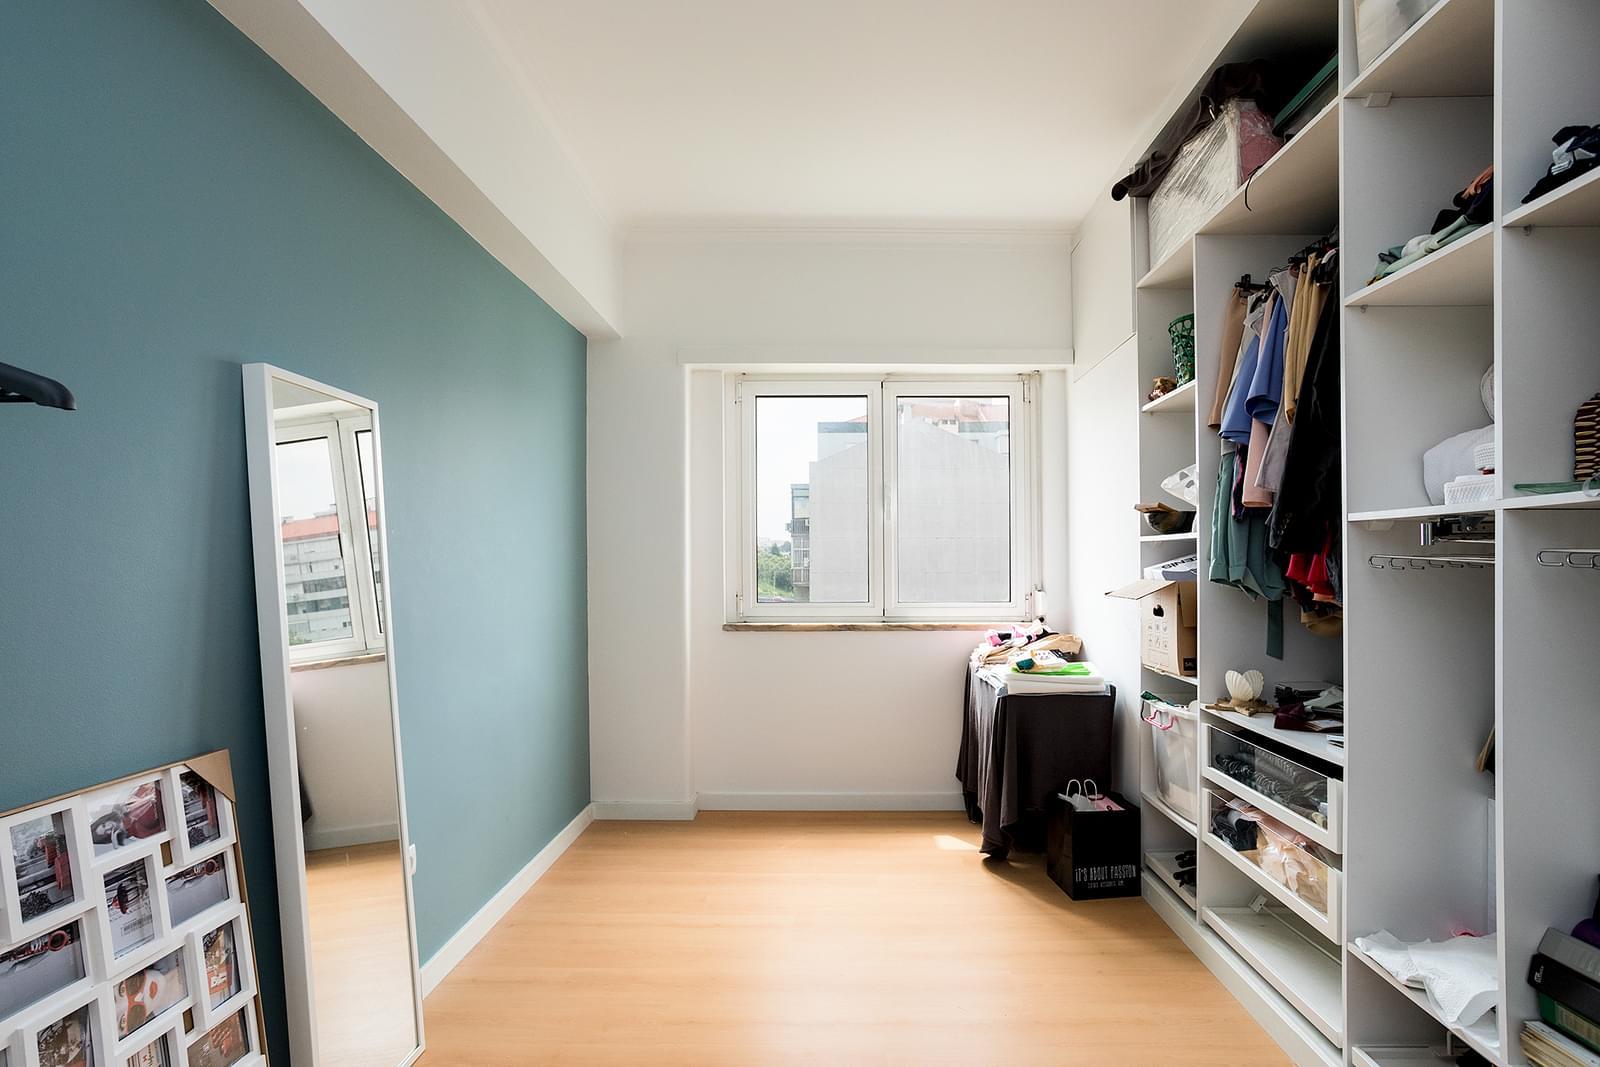 pf17340-apartamento-t3-lisboa-0a435d62-d311-4732-b5f4-1a92658cdc5a